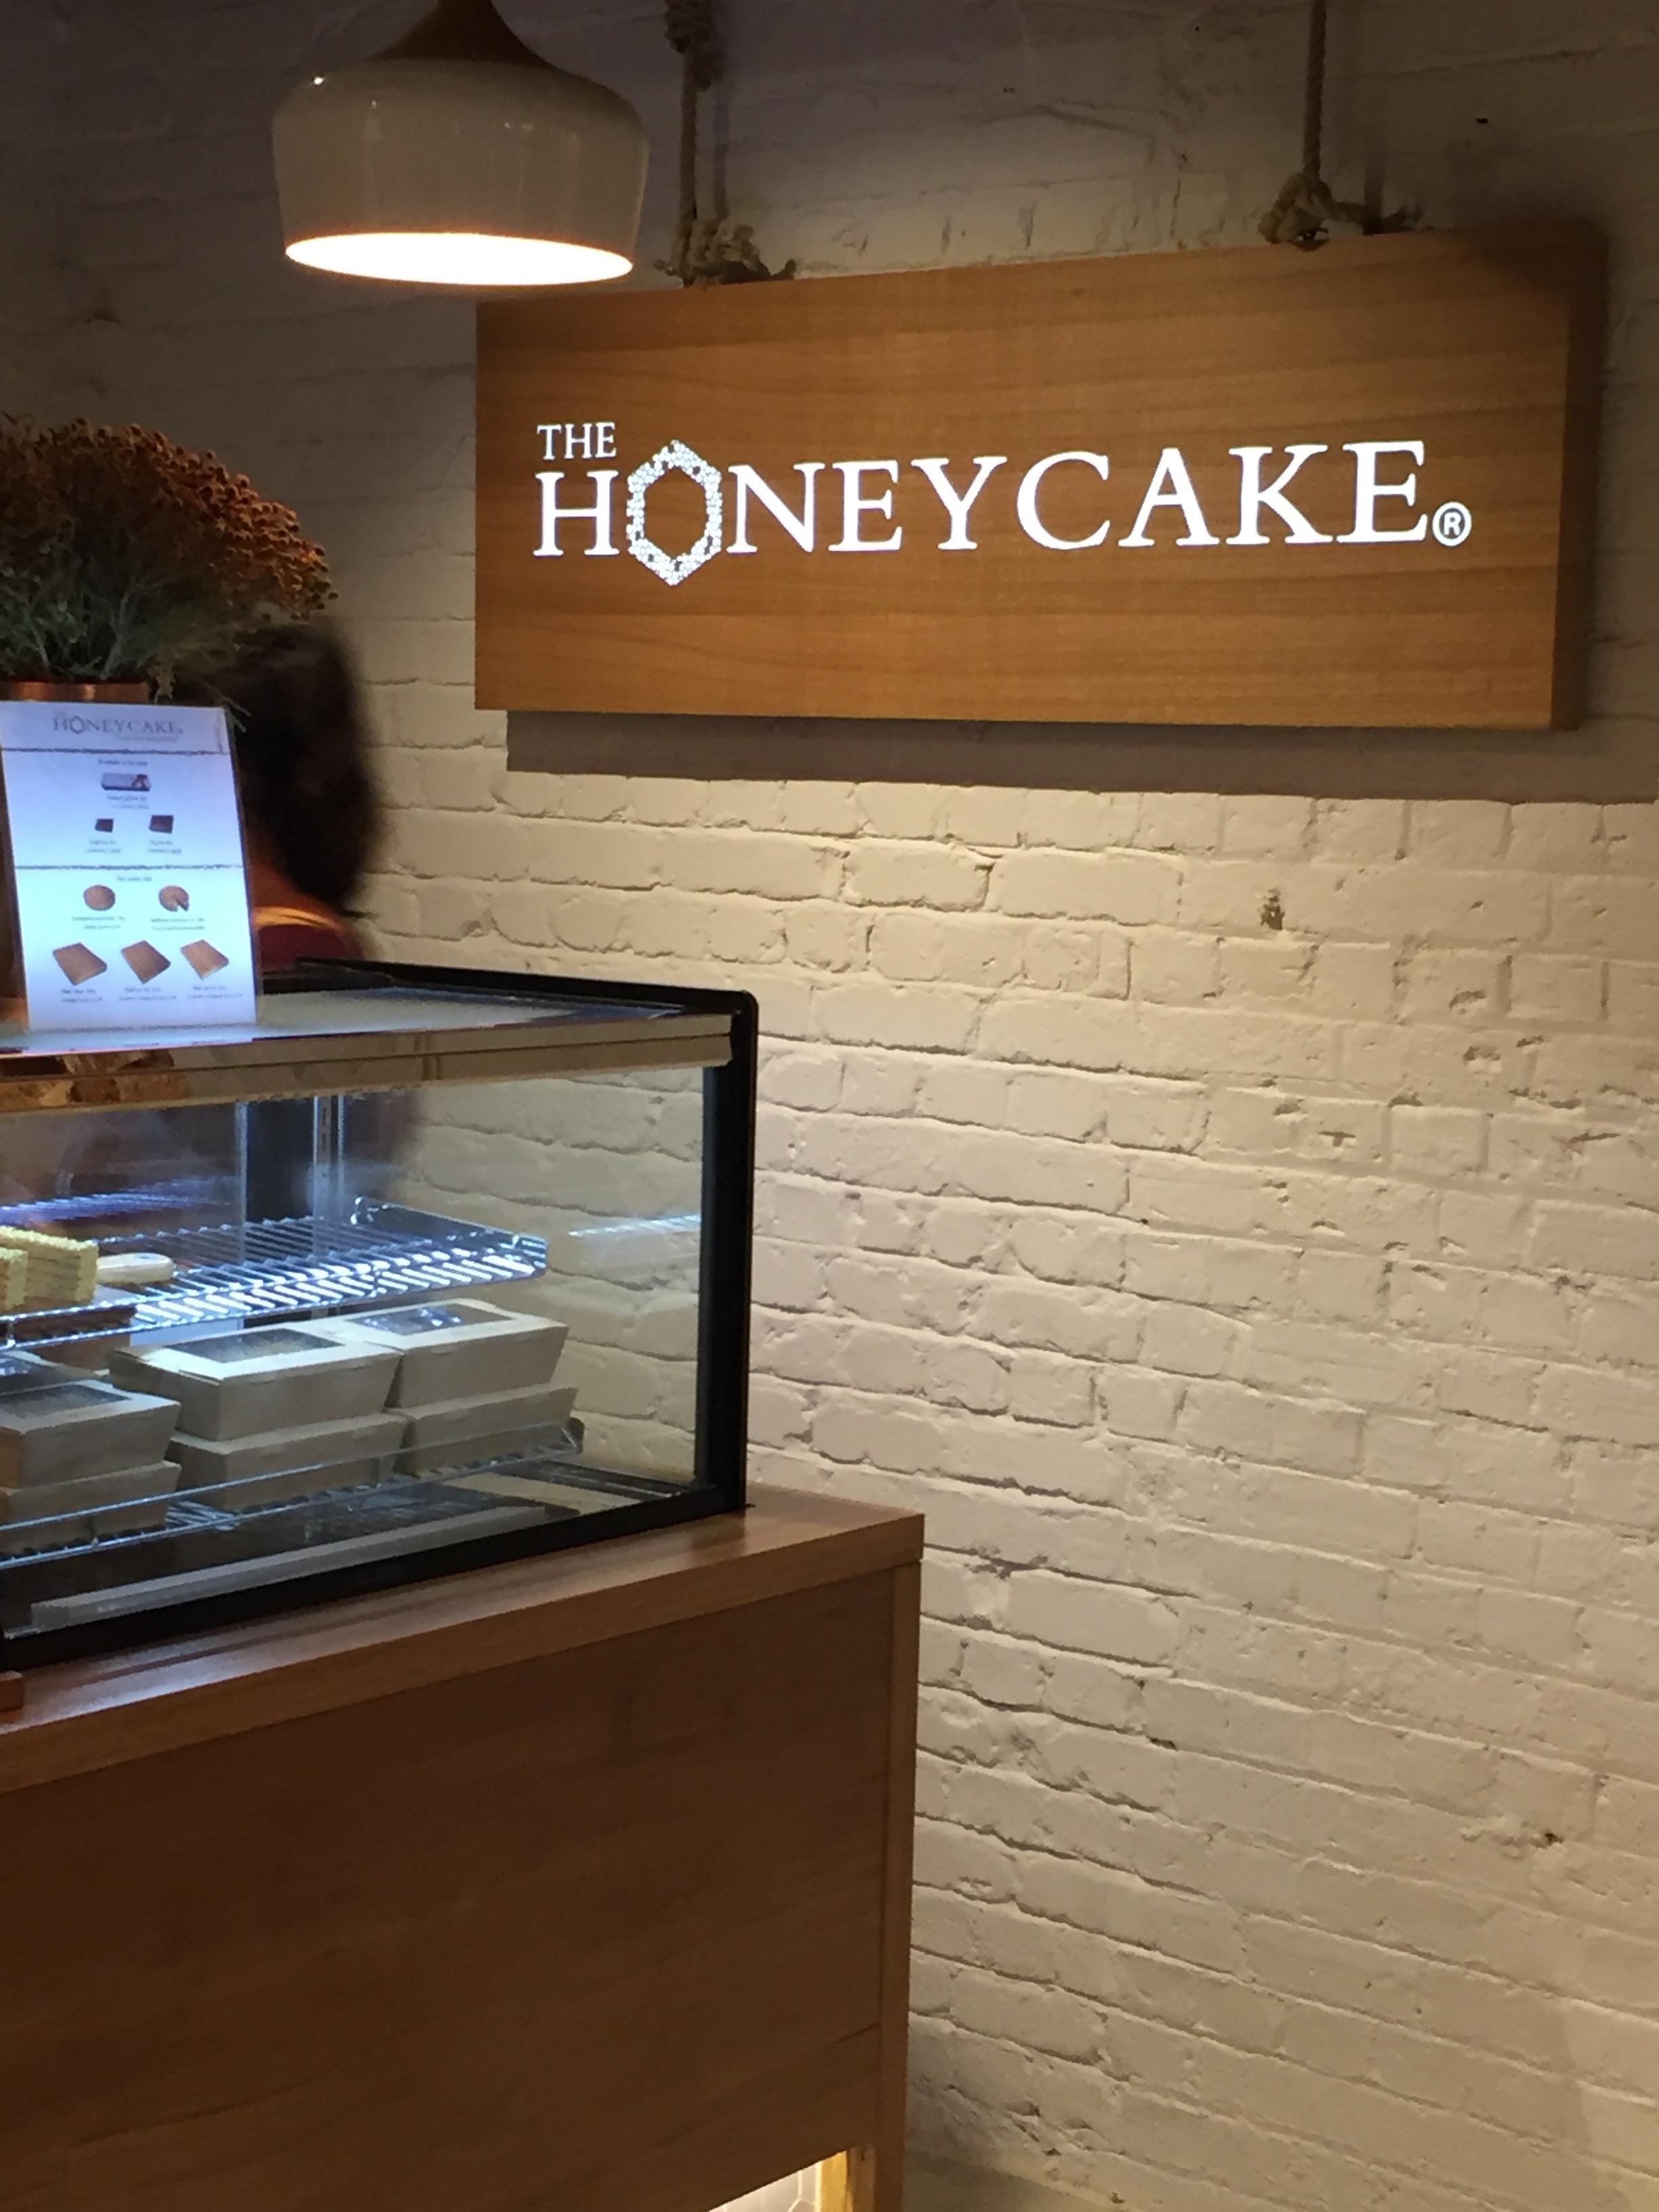 The Honeycake